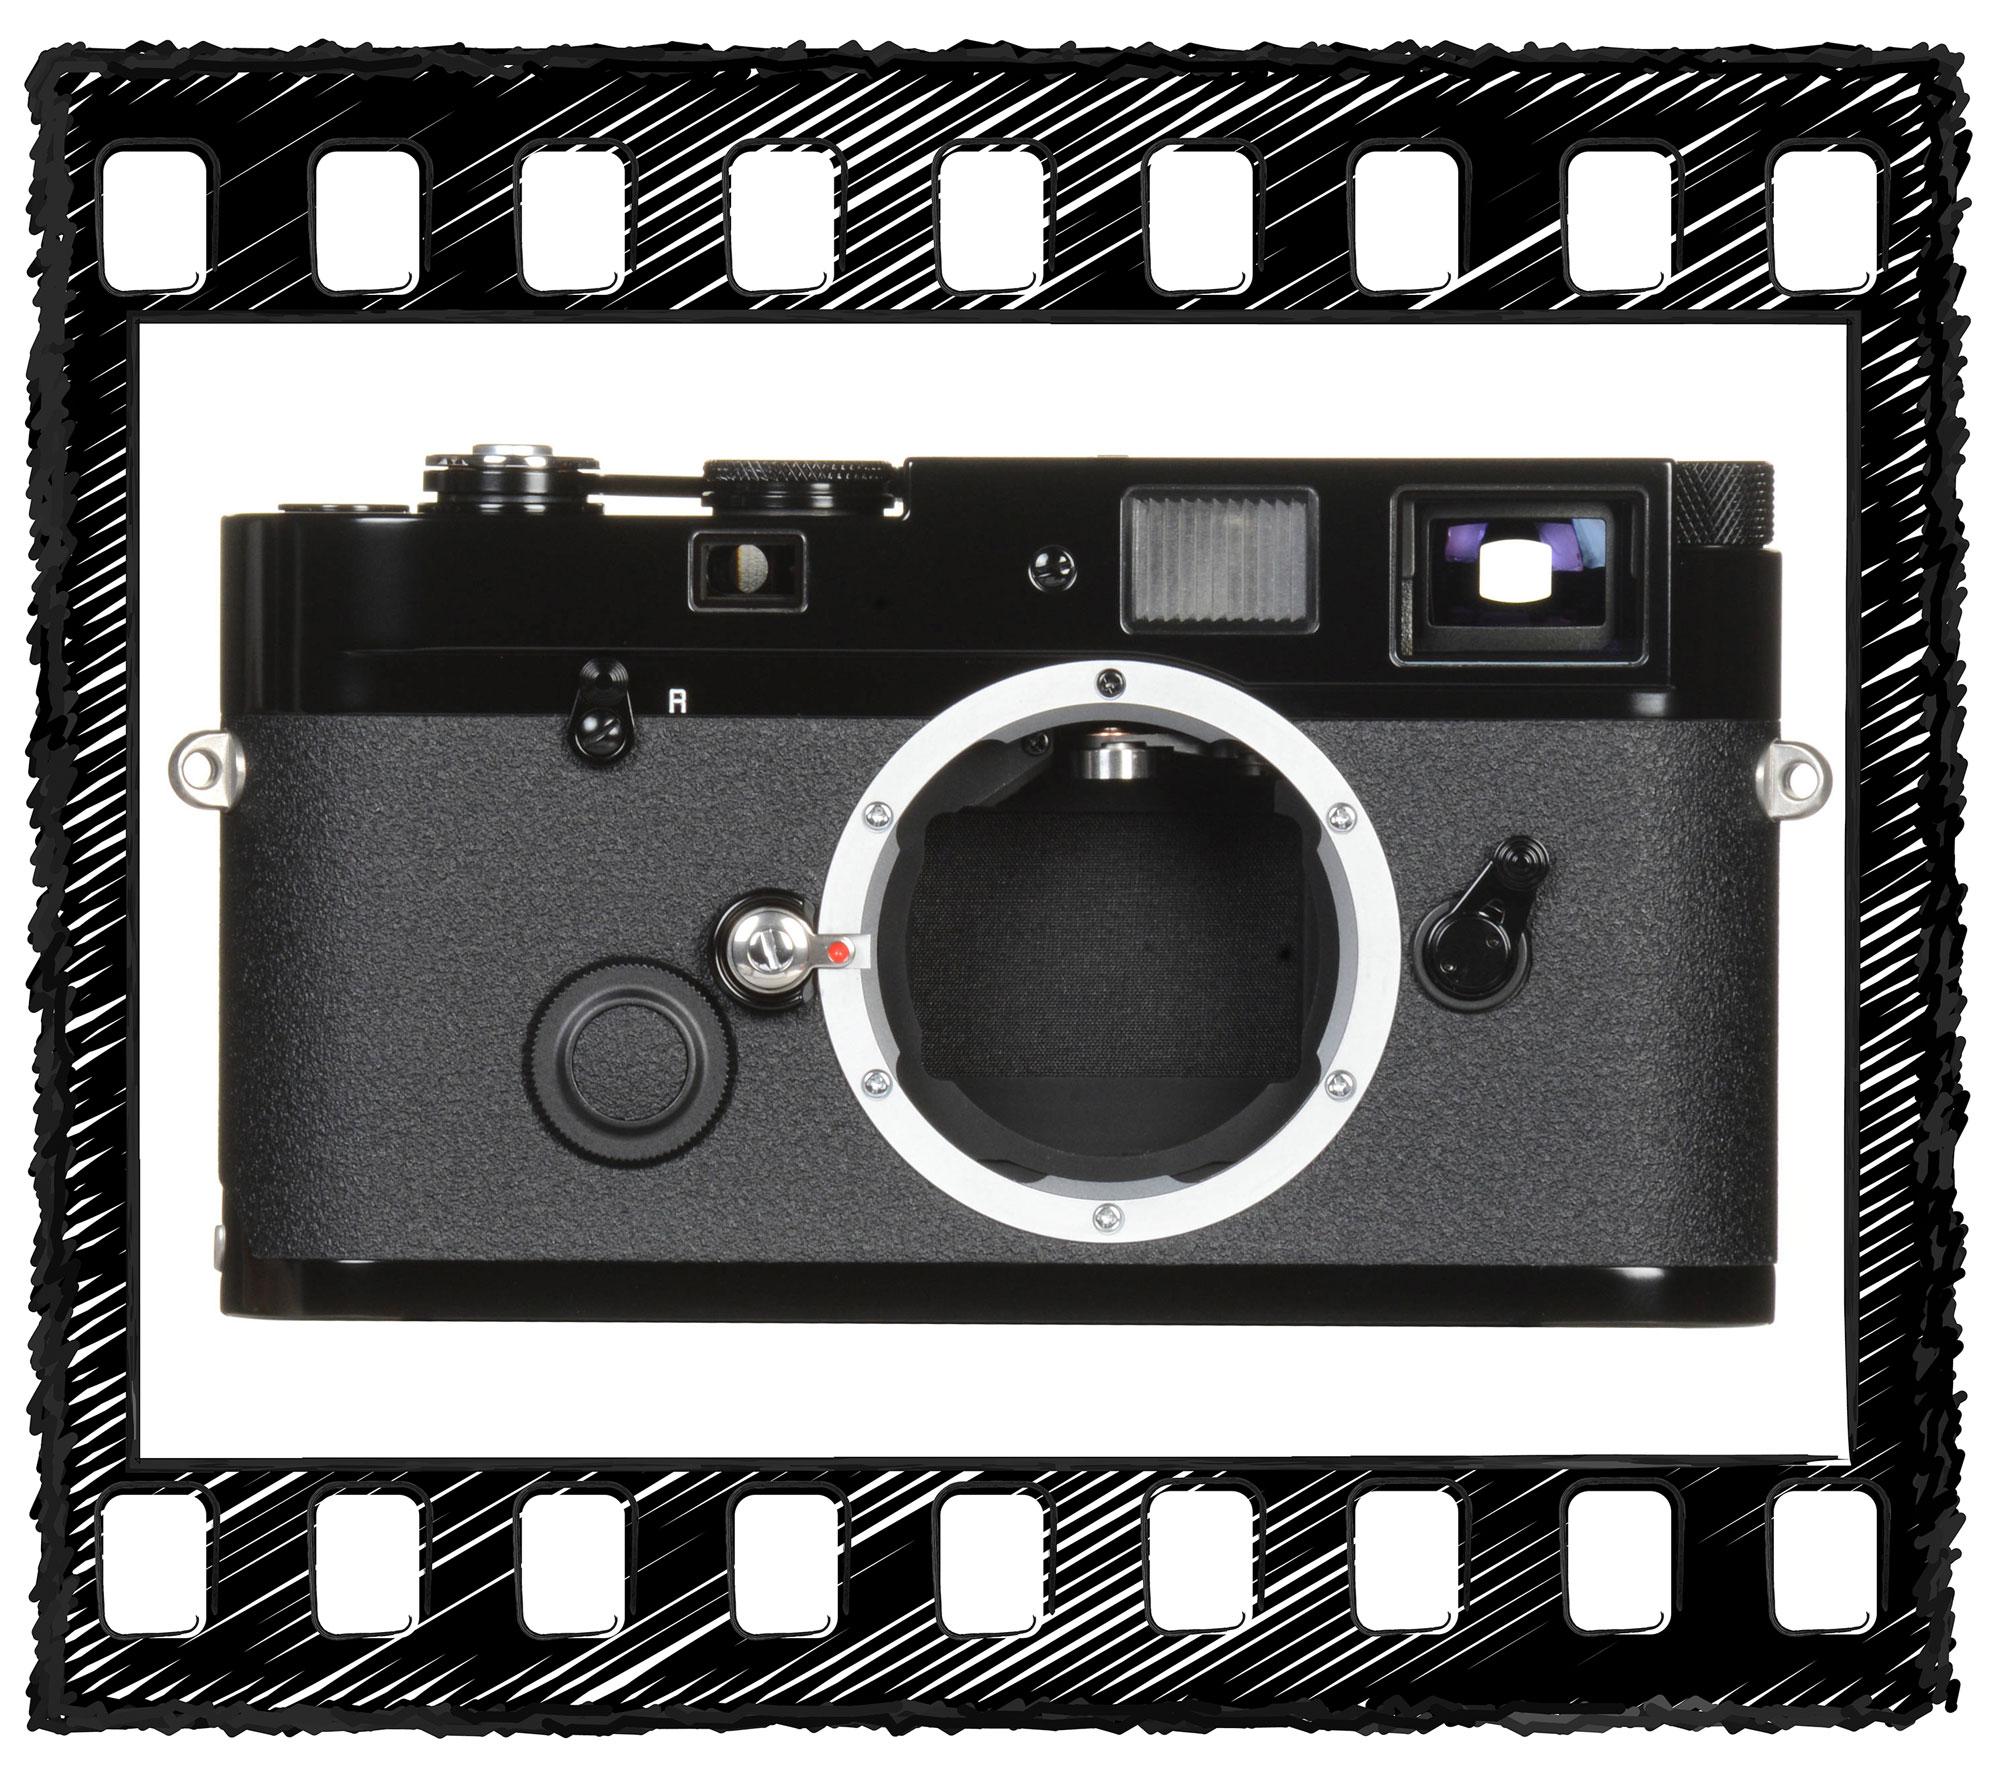 Leica MP 0.72 Rangefinder Camera